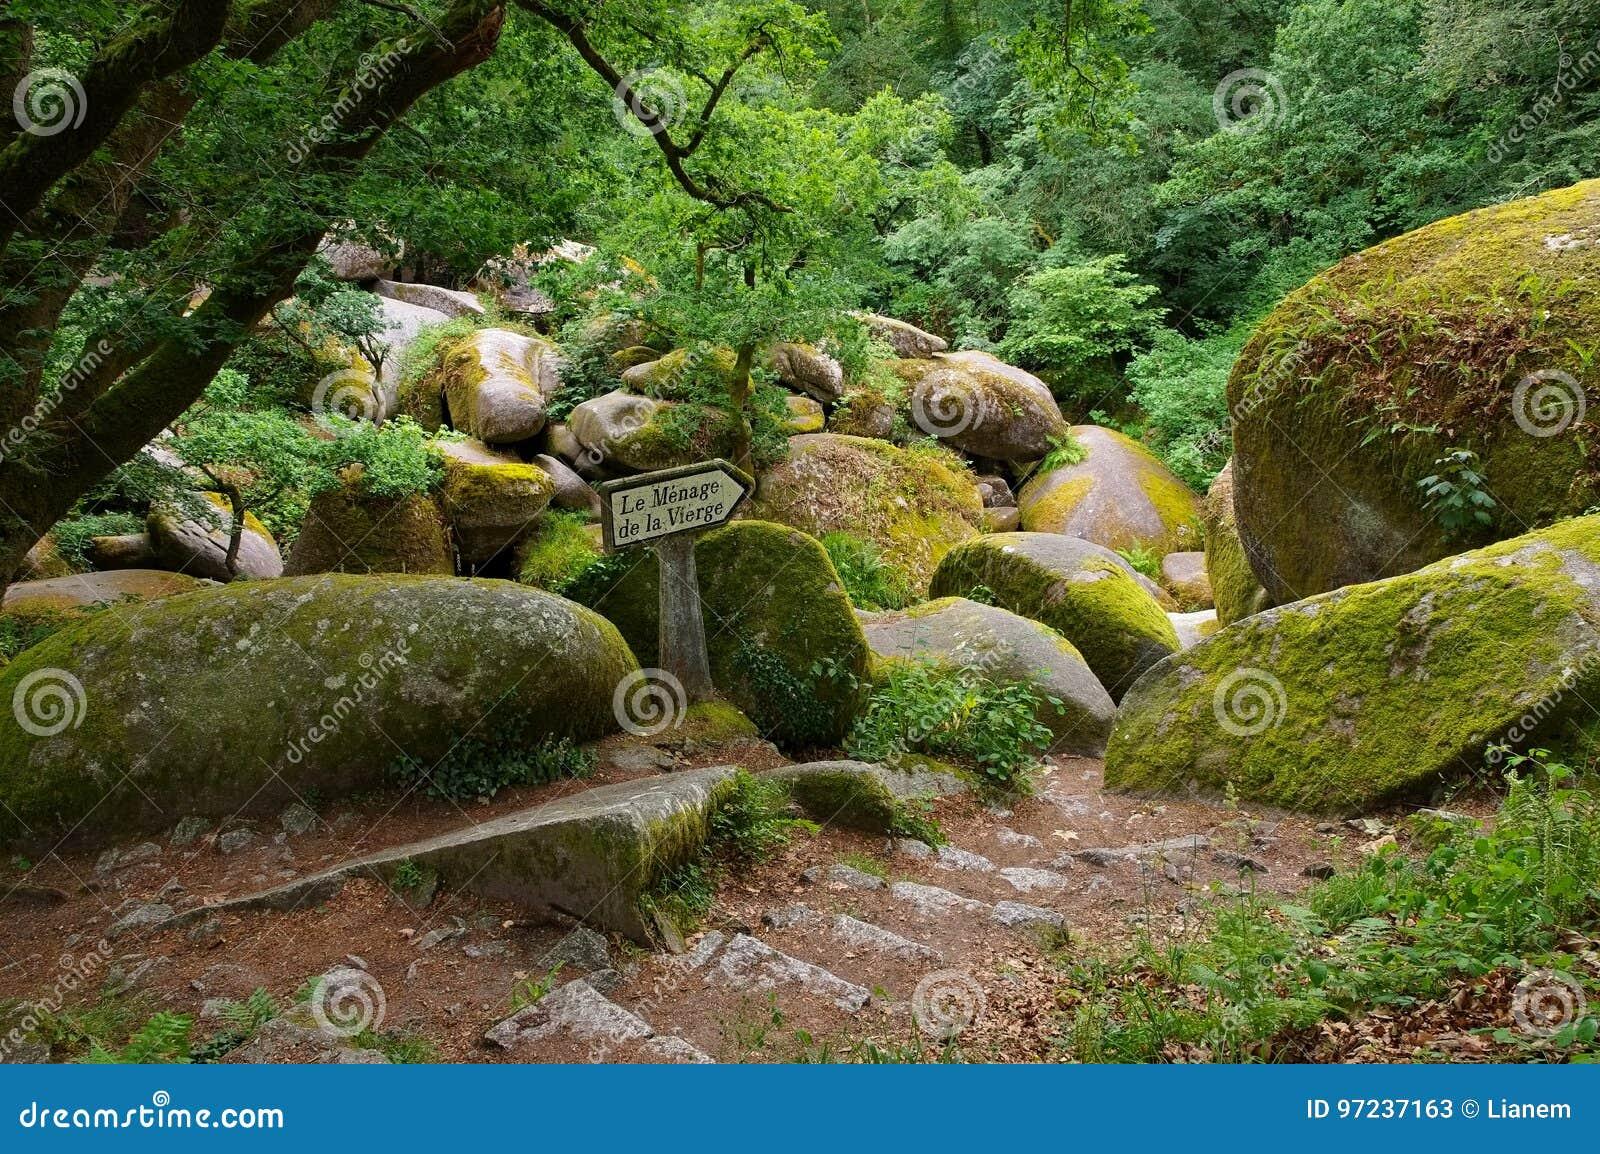 La Vierge de Le Menage de forêt de Huelgoat en Bretagne